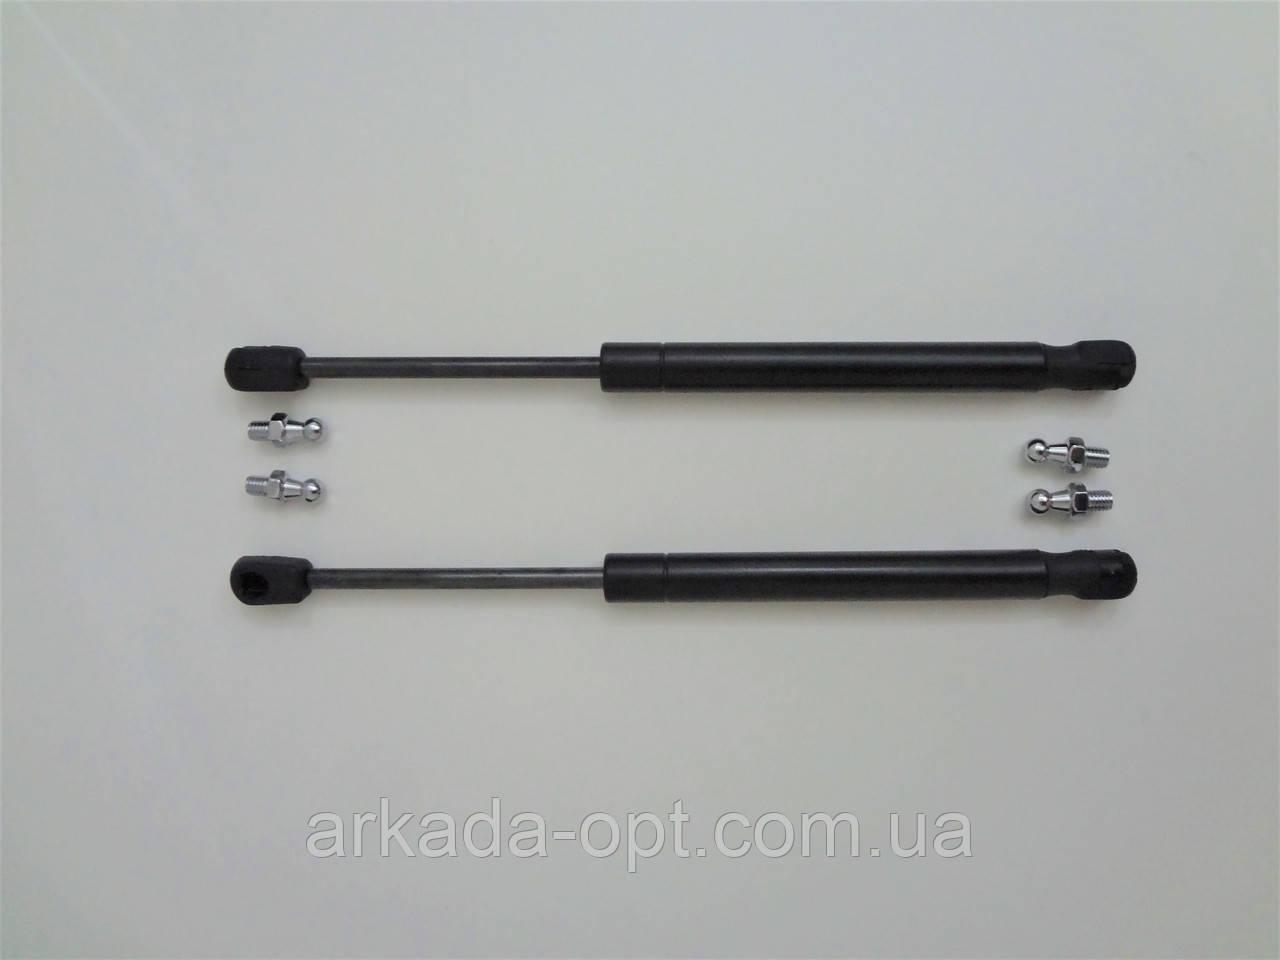 Газовый амортизатор упор двери Aurora 450мм 280Н черный GS-ZA1102 комплект 2 шт.